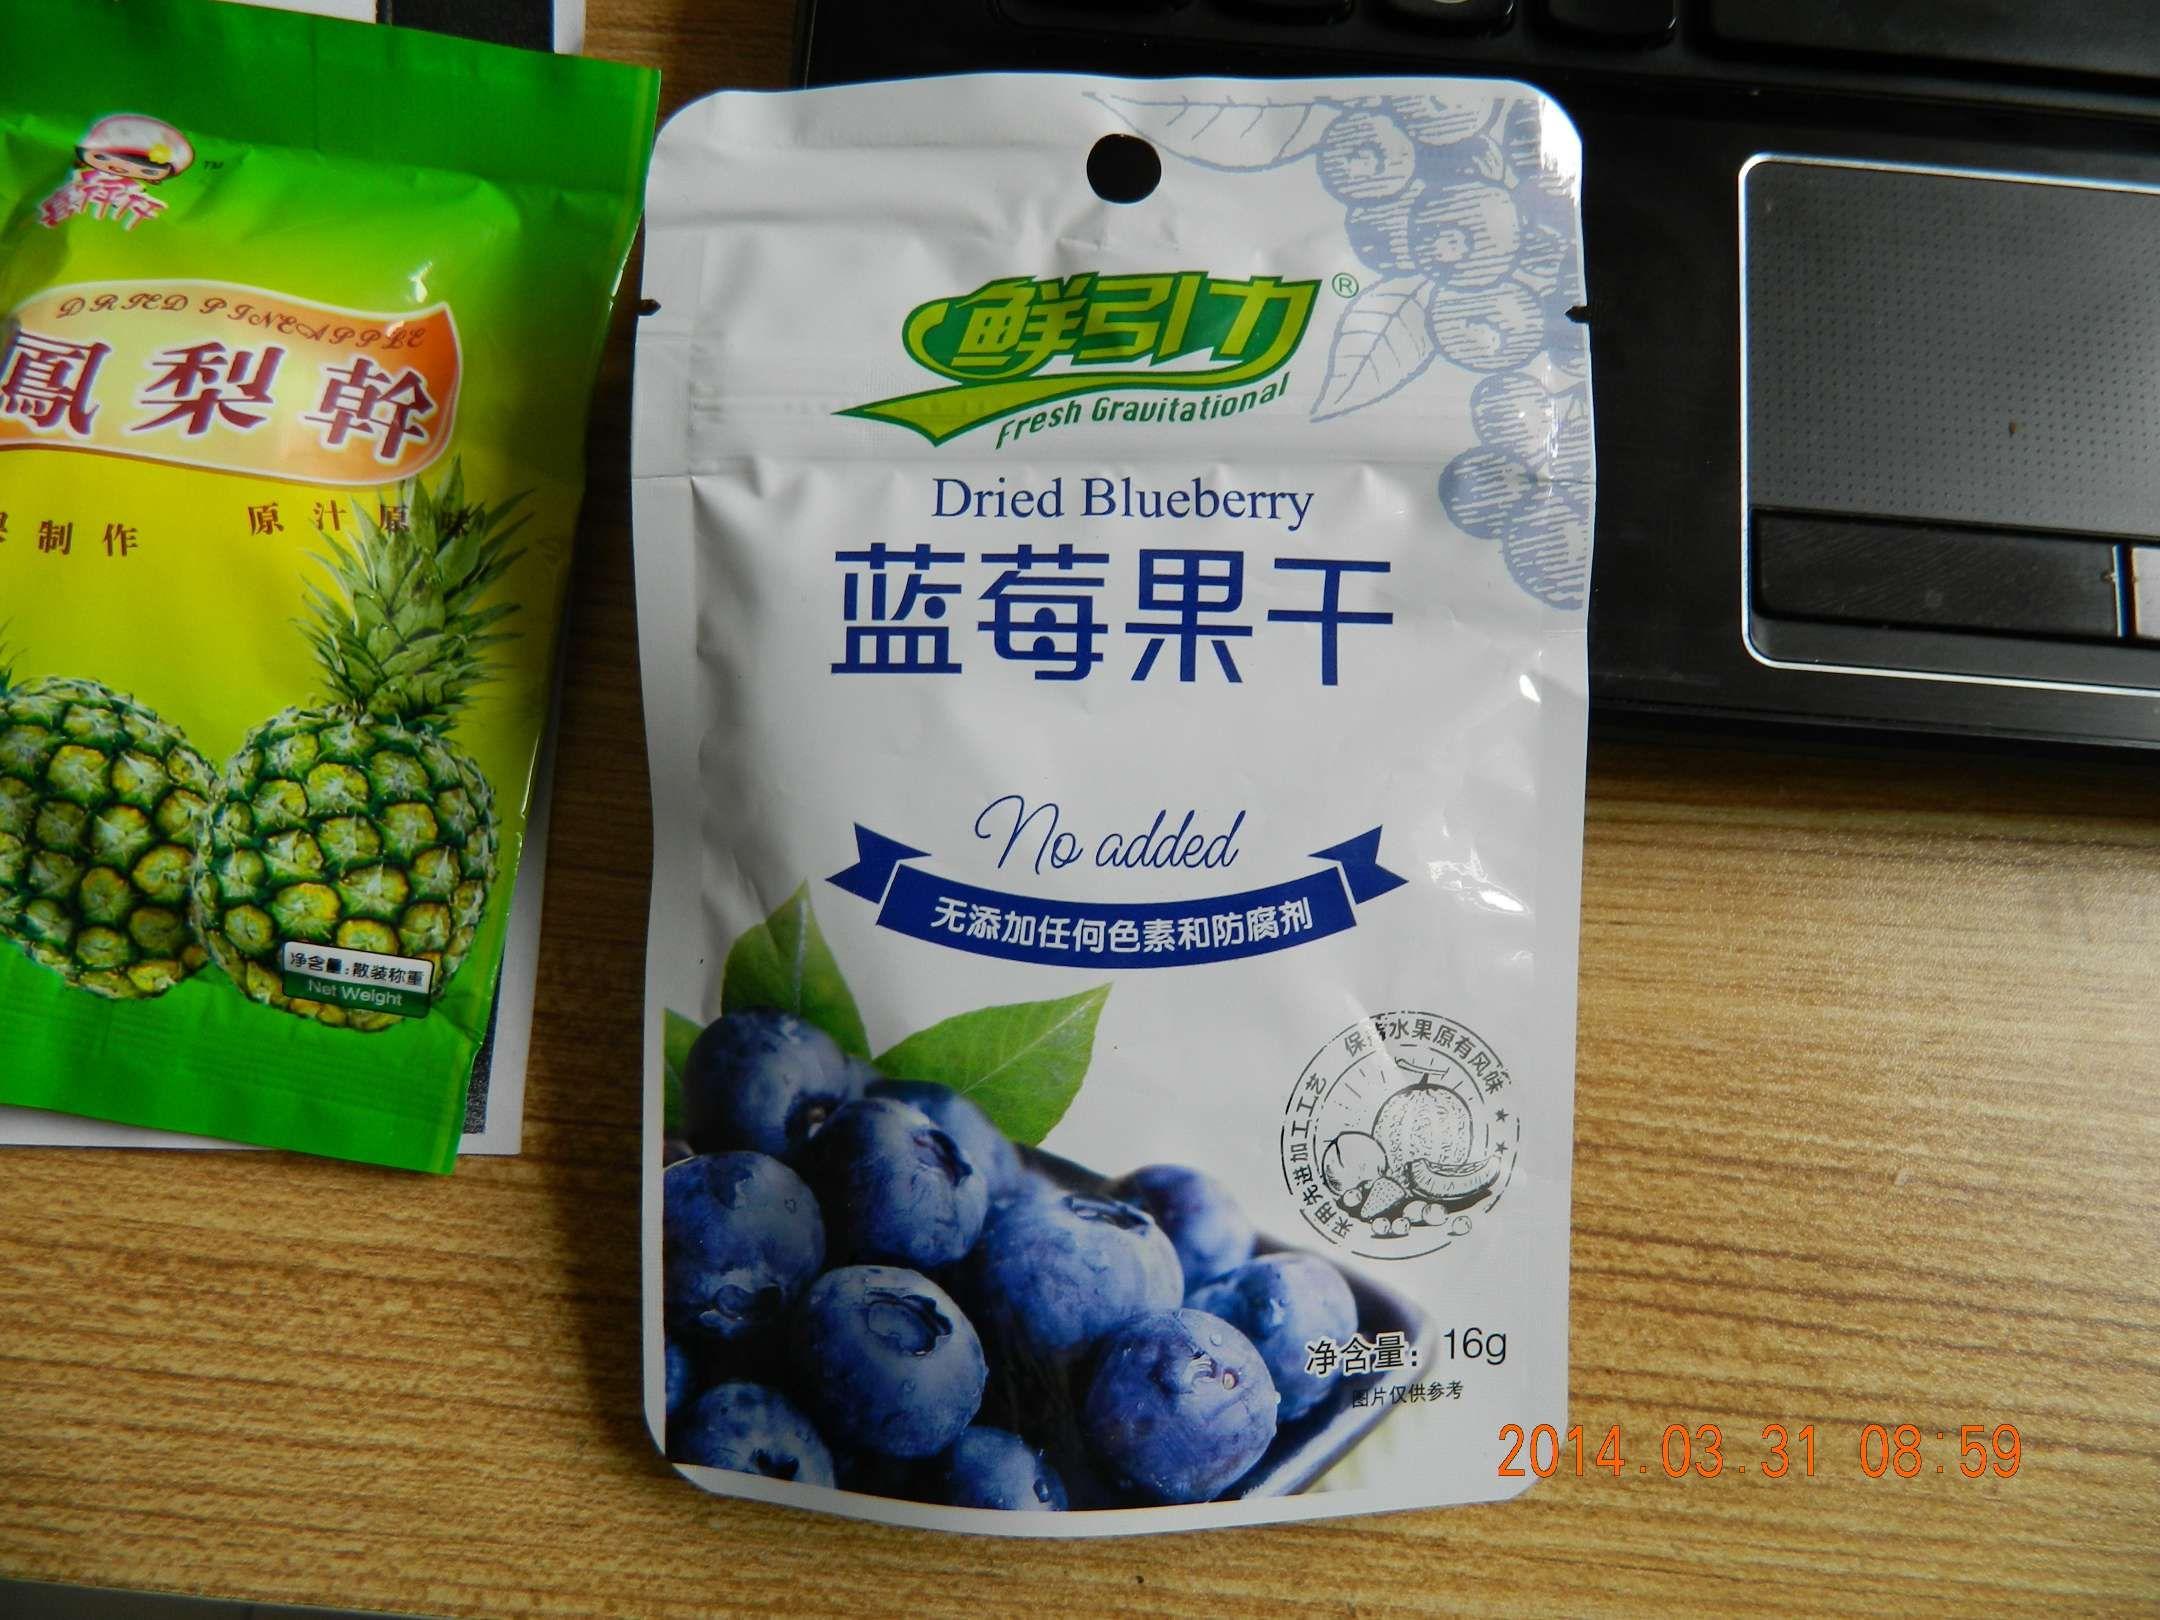 食品真空包裝袋 復合食品自立袋 陰陽鍍鋁自立袋 堅果包裝袋 鋁箔包裝袋